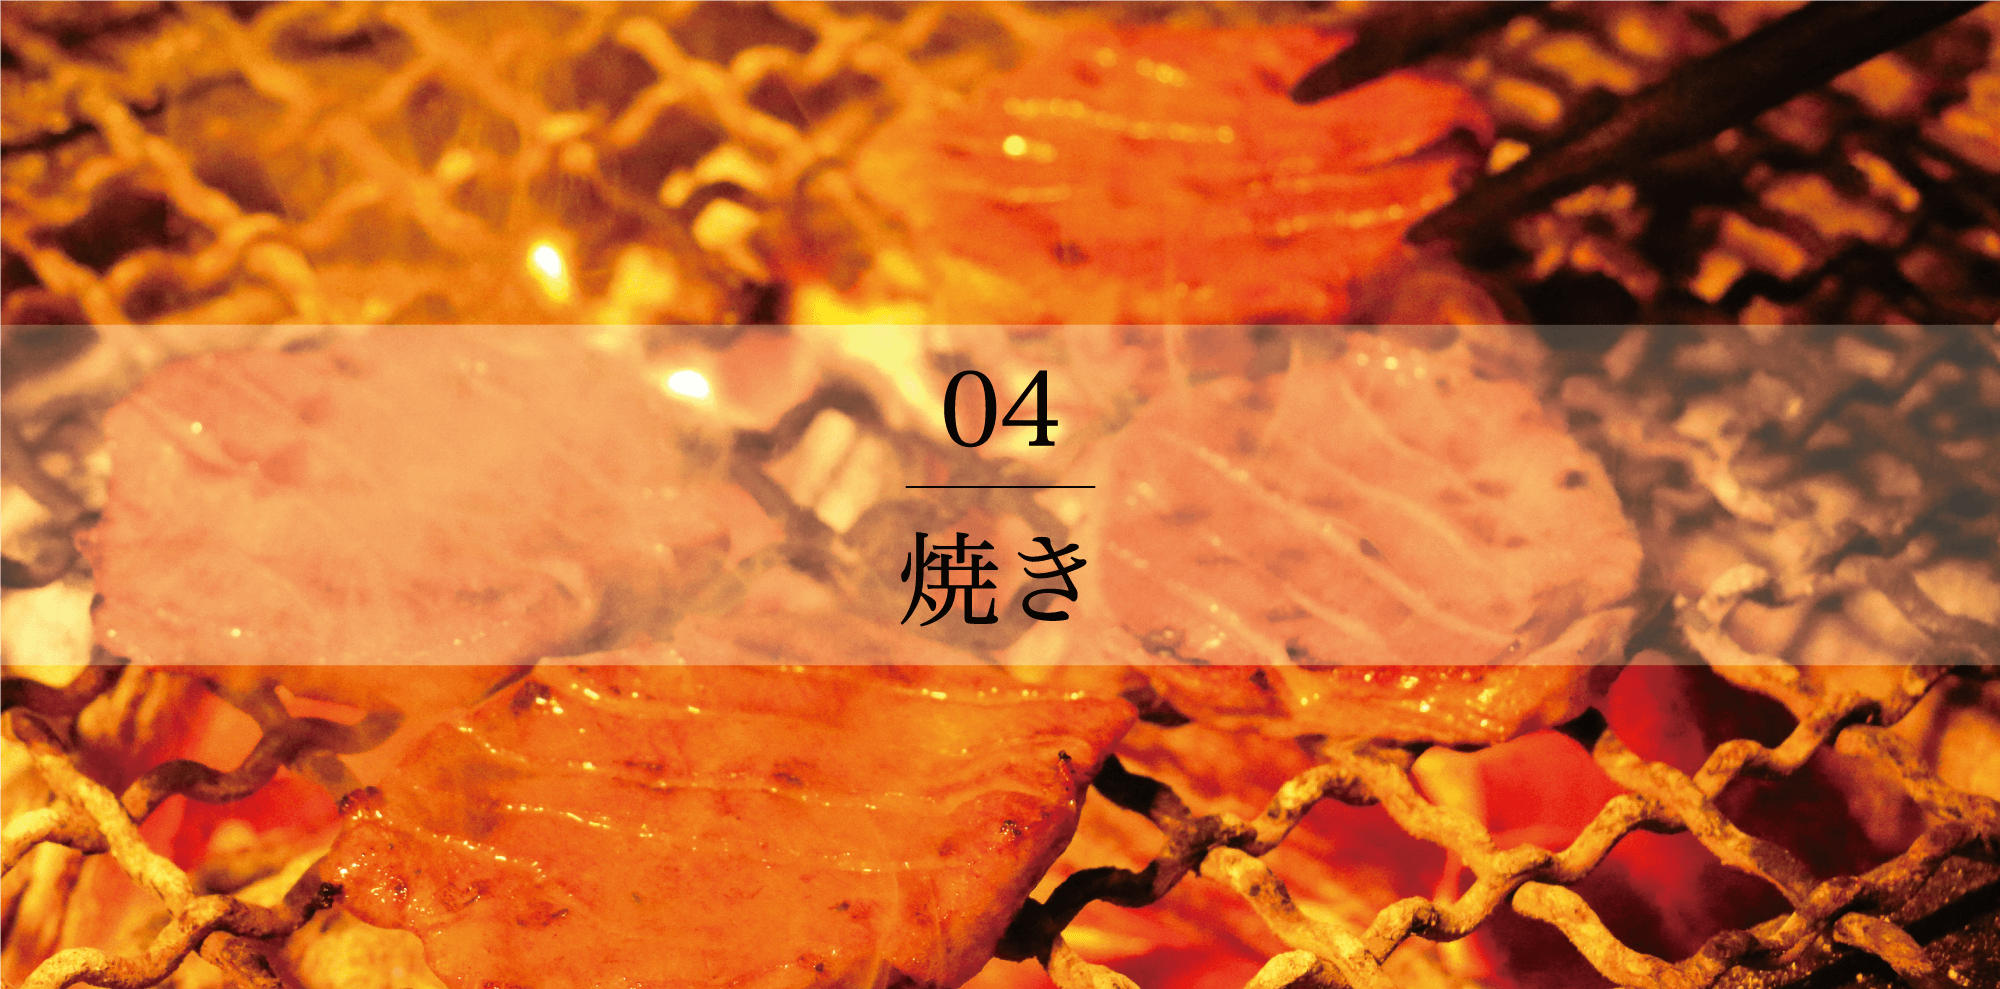 04yaki